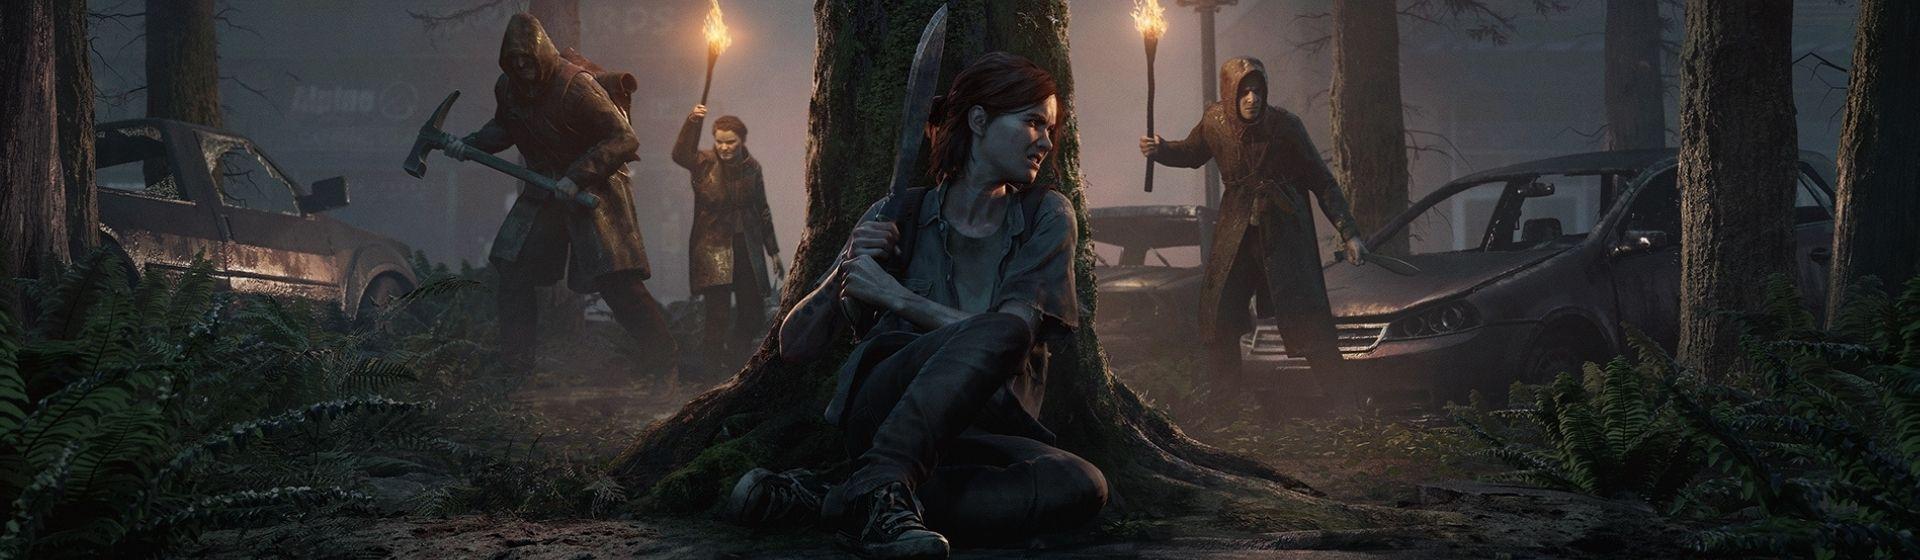 Ellie (The Last of Us): idealismo e vingança em um só pacote